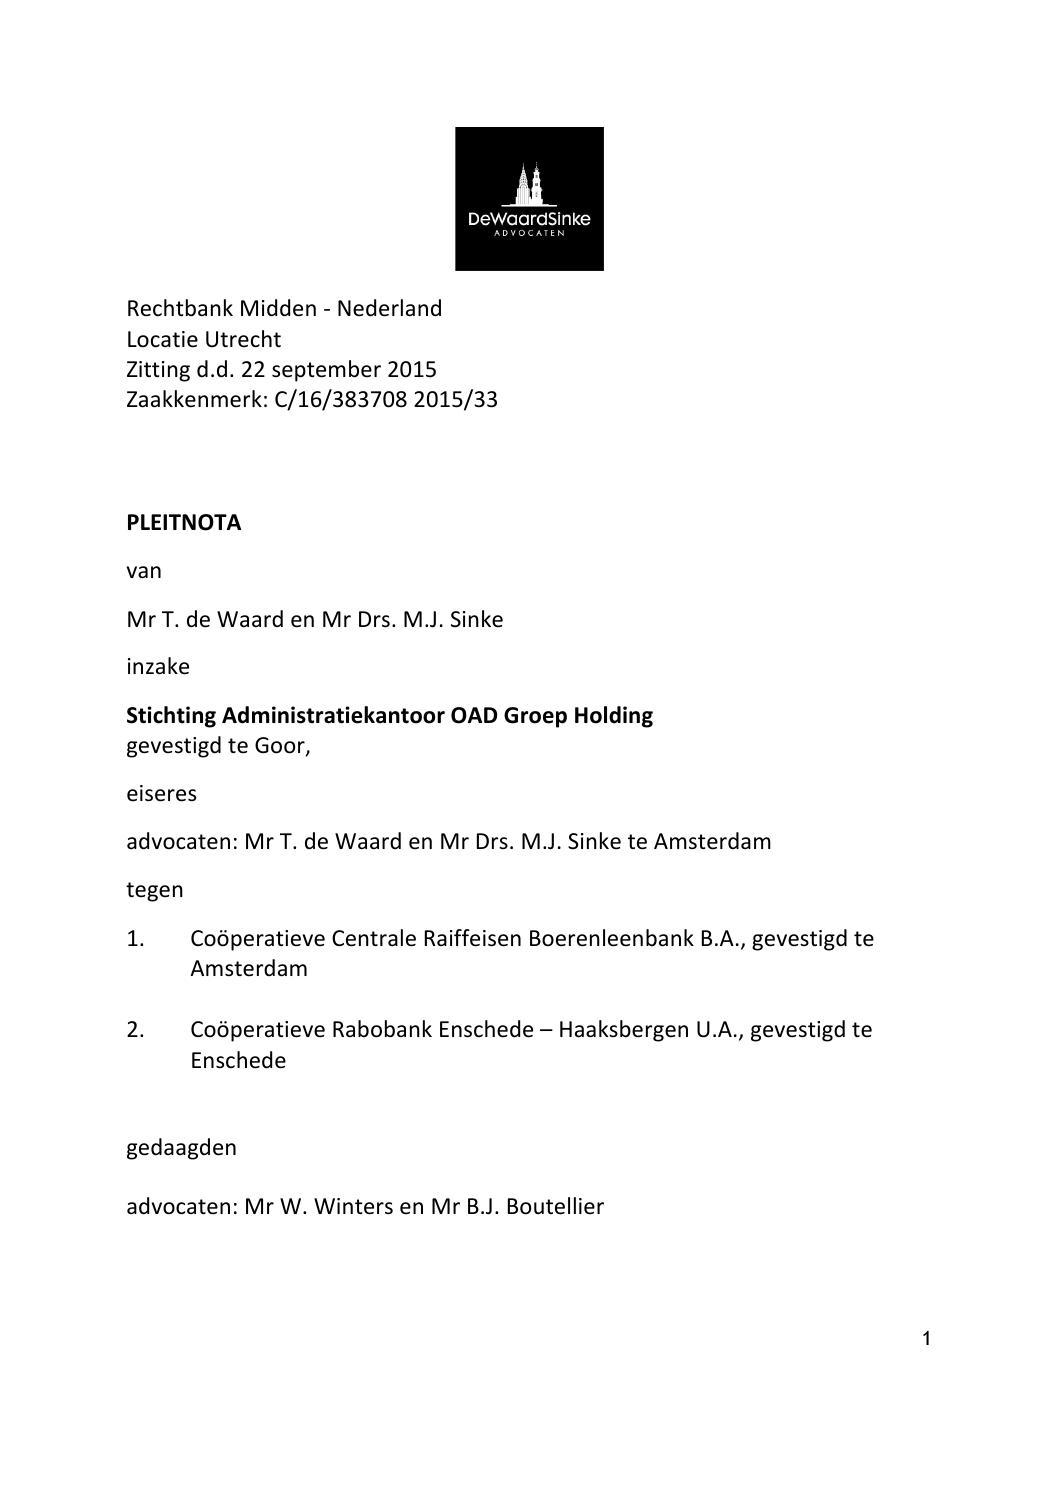 voorbeeldbrief opheffen rekening Pleitnota Oad vs Rabobank, 22 september 2015 by TravelPro   issuu voorbeeldbrief opheffen rekening